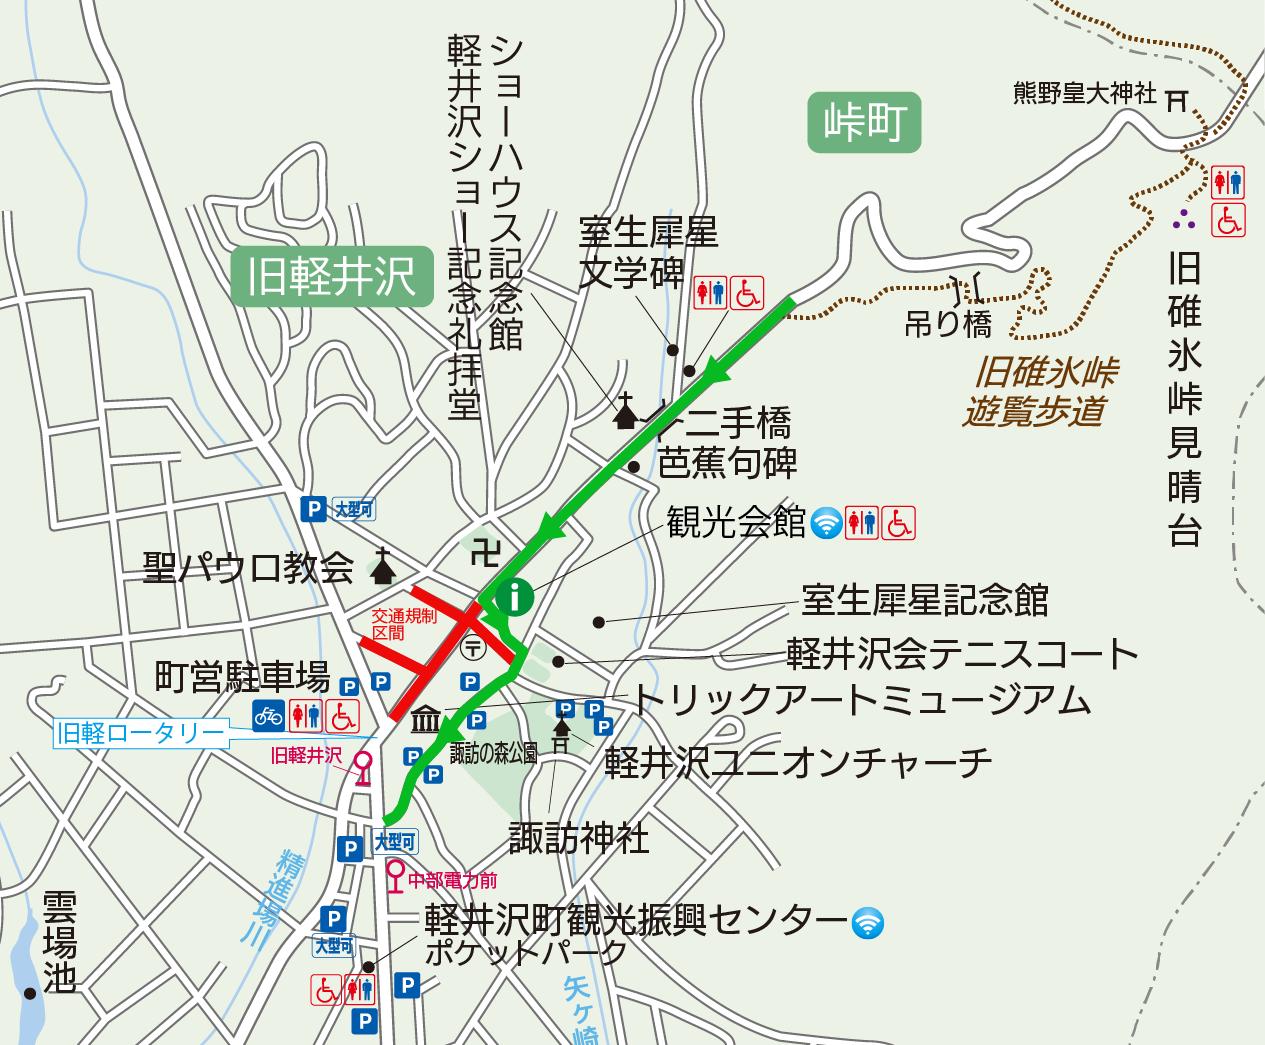 <復路>熊野皇大神社付近から旧軽井沢へ